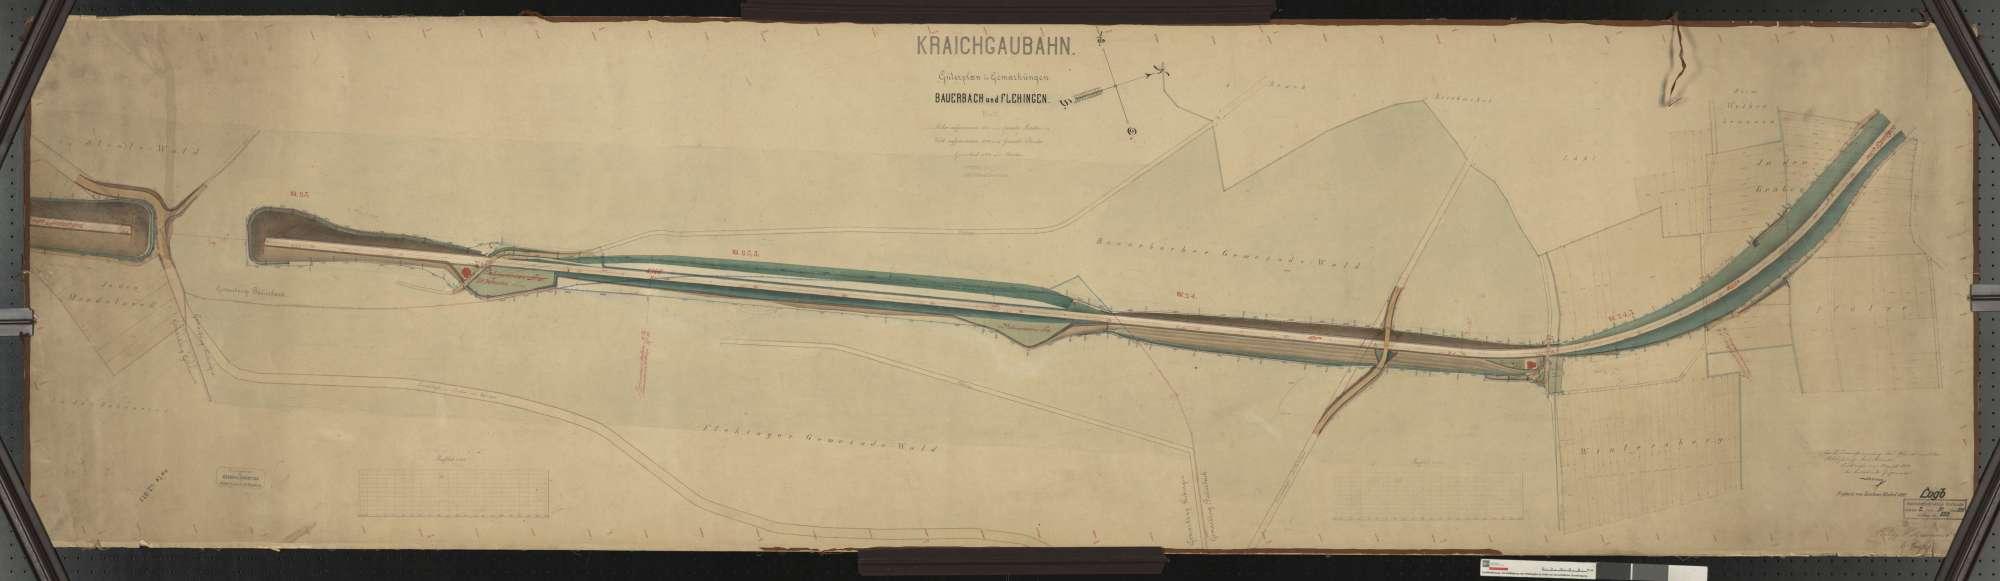 Güterplan der Kraichgaubahn: Gemarkungen Bauerbach und Flehingen Streckenausschnitt: 22,8 bis 24,8 km, Bild 1